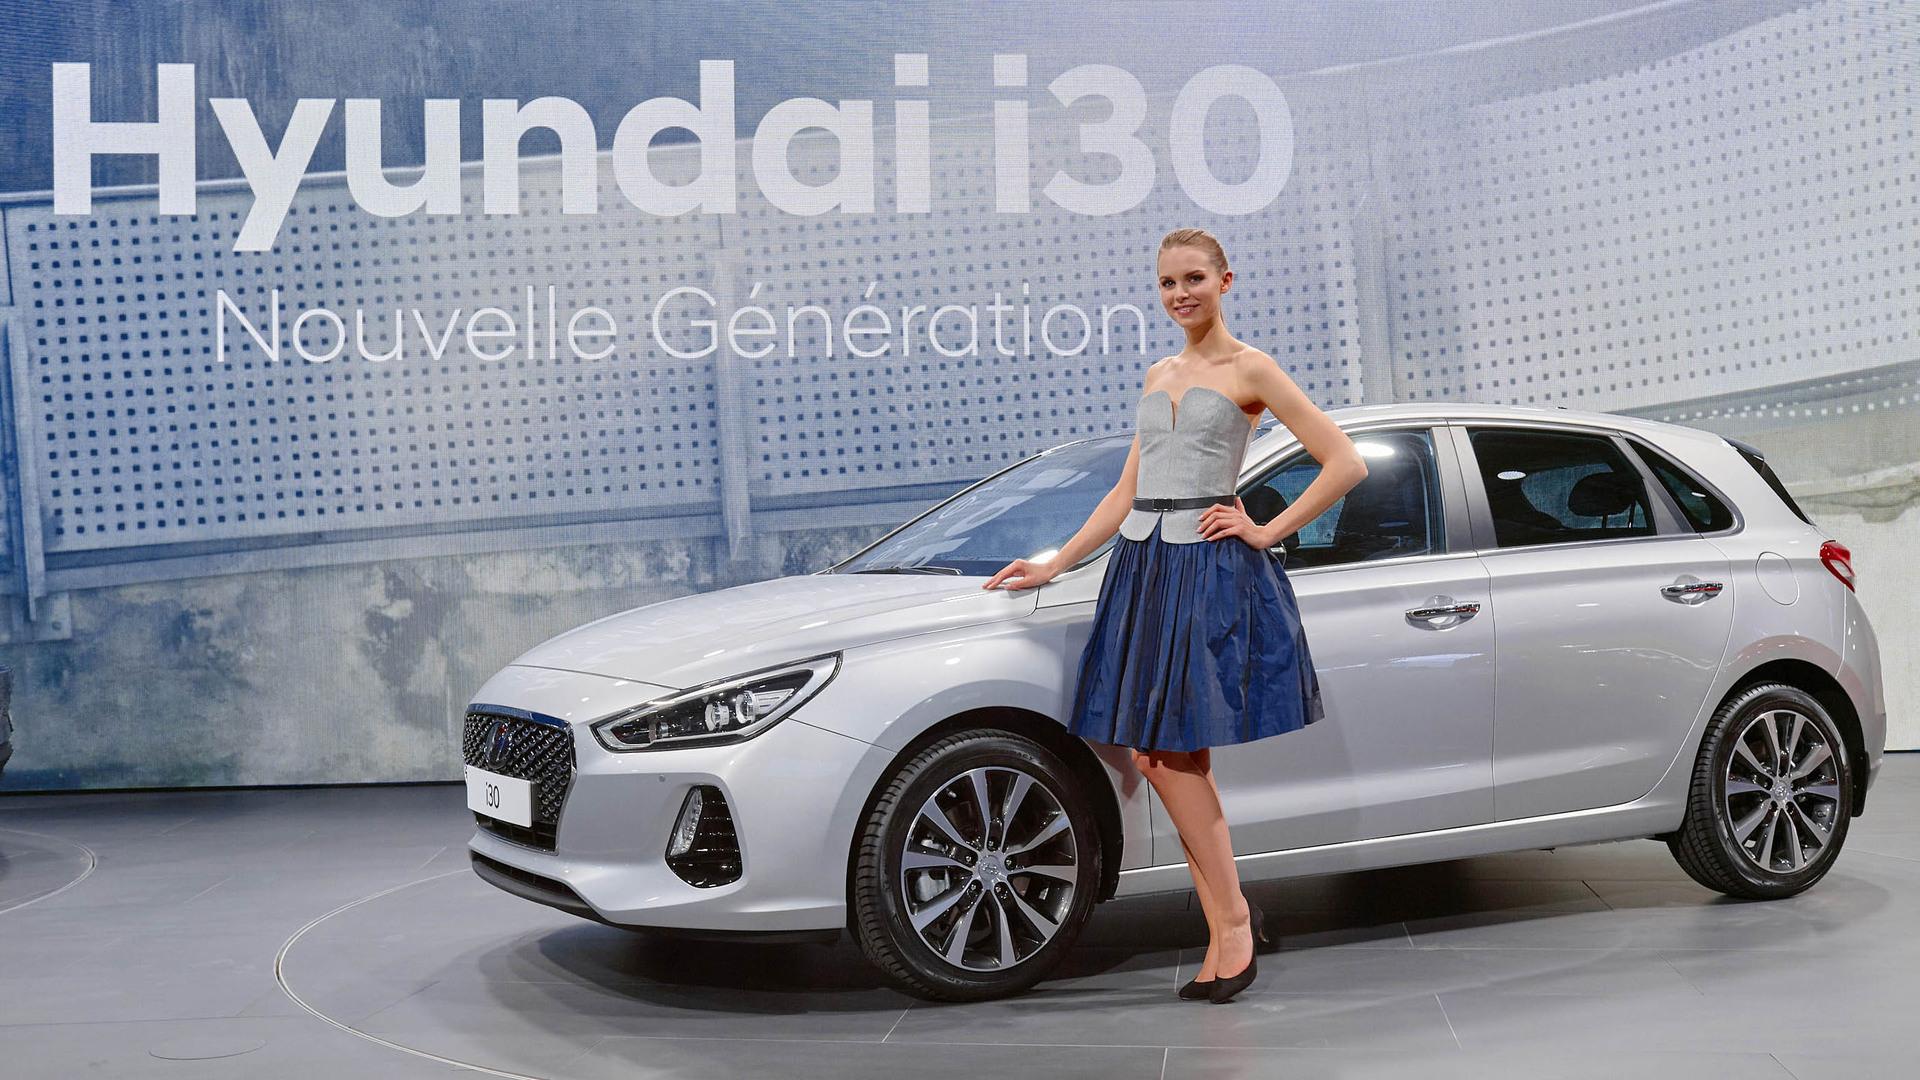 Photo of 2017 Hyundai i30 Paris'te tanıtıldı